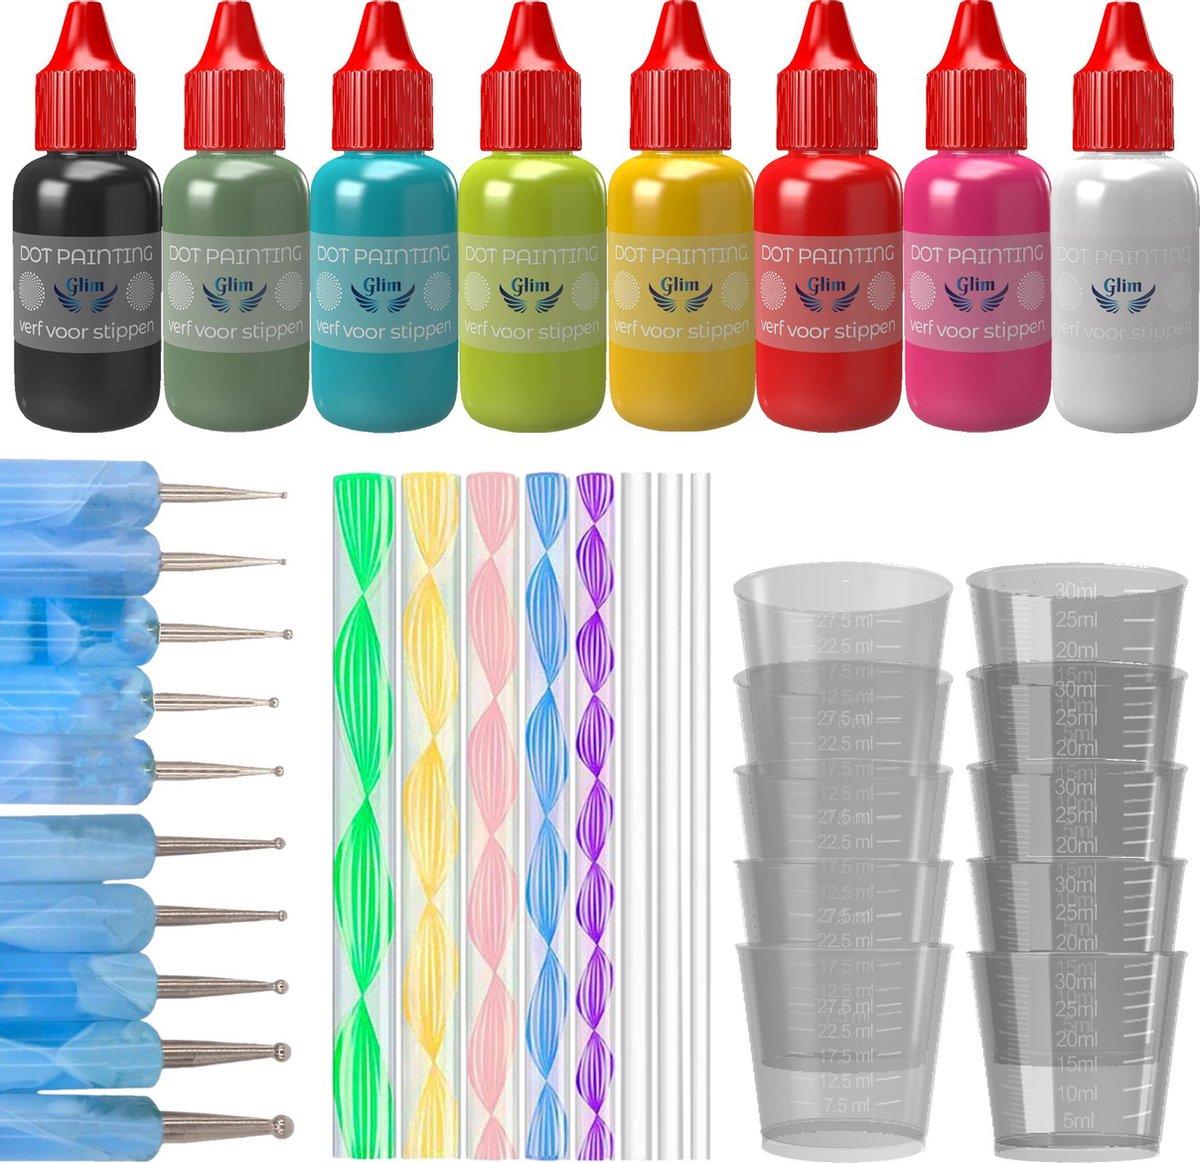 Dot Painting Startpakket - Dotting Tools - Pennen - Set - Penseel - Hobby - Gereedschap -Volwassenen en Kinderen - Inclusief VERF